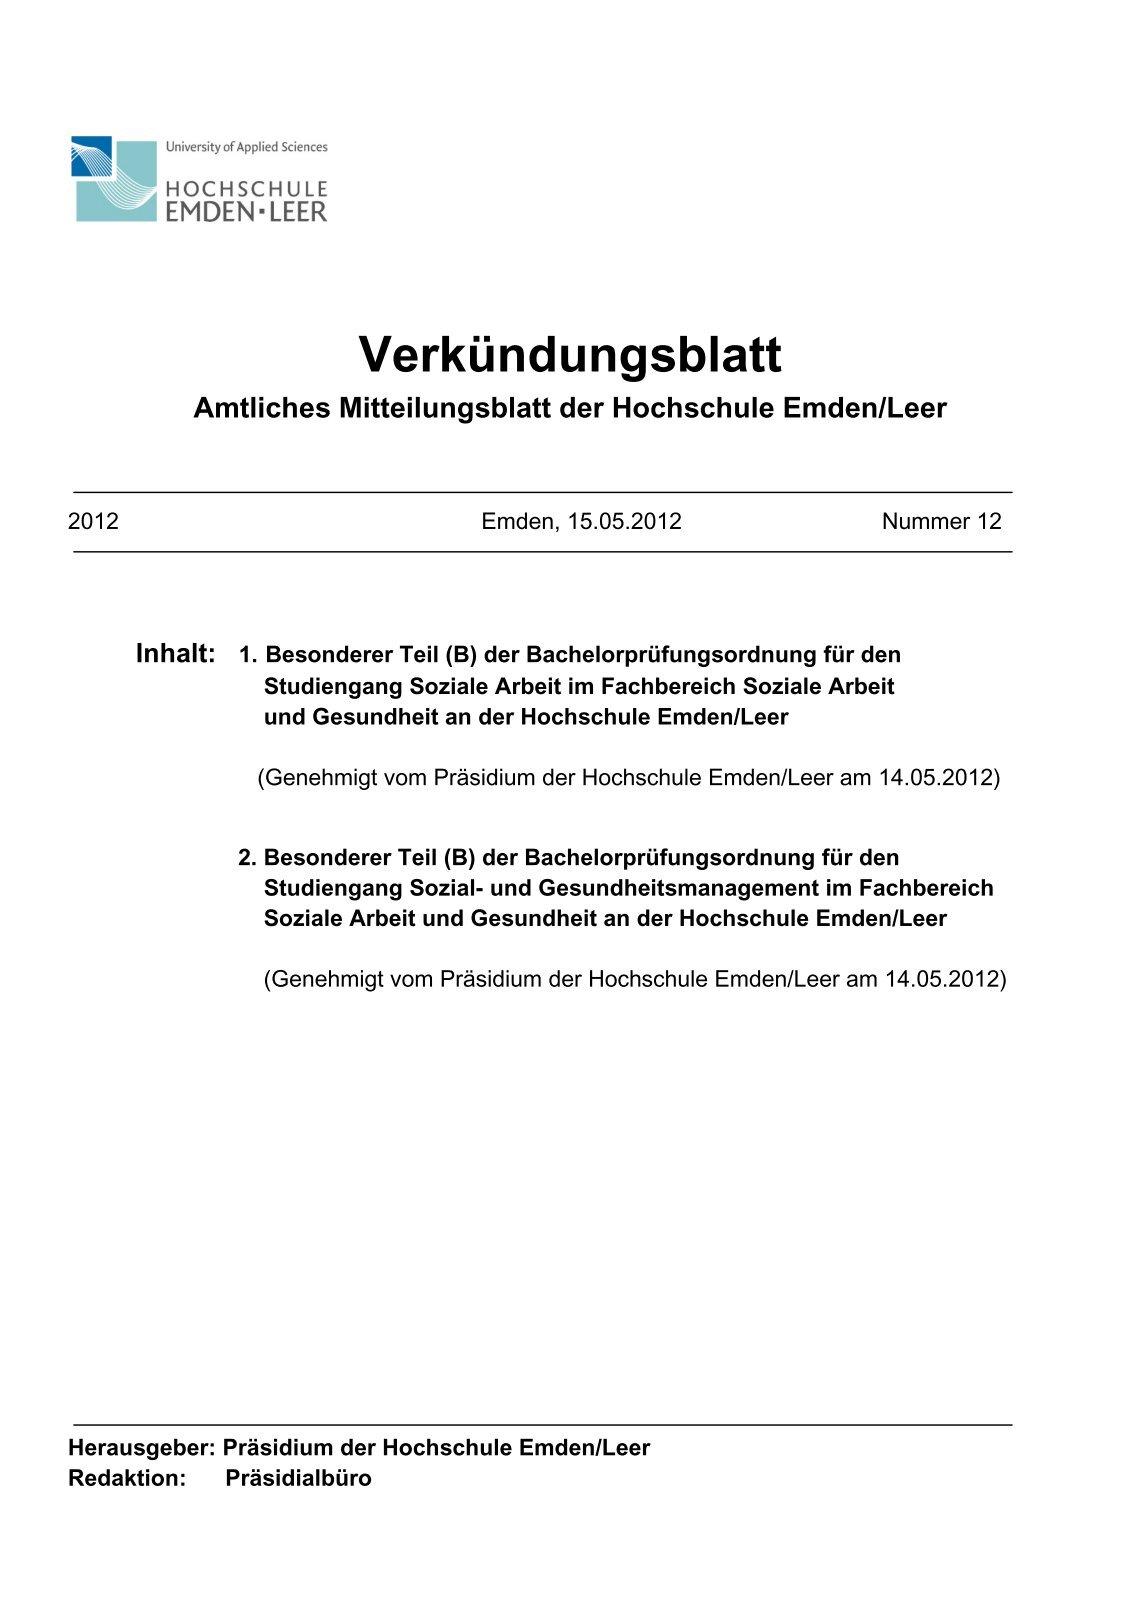 hs.emden.leer.de